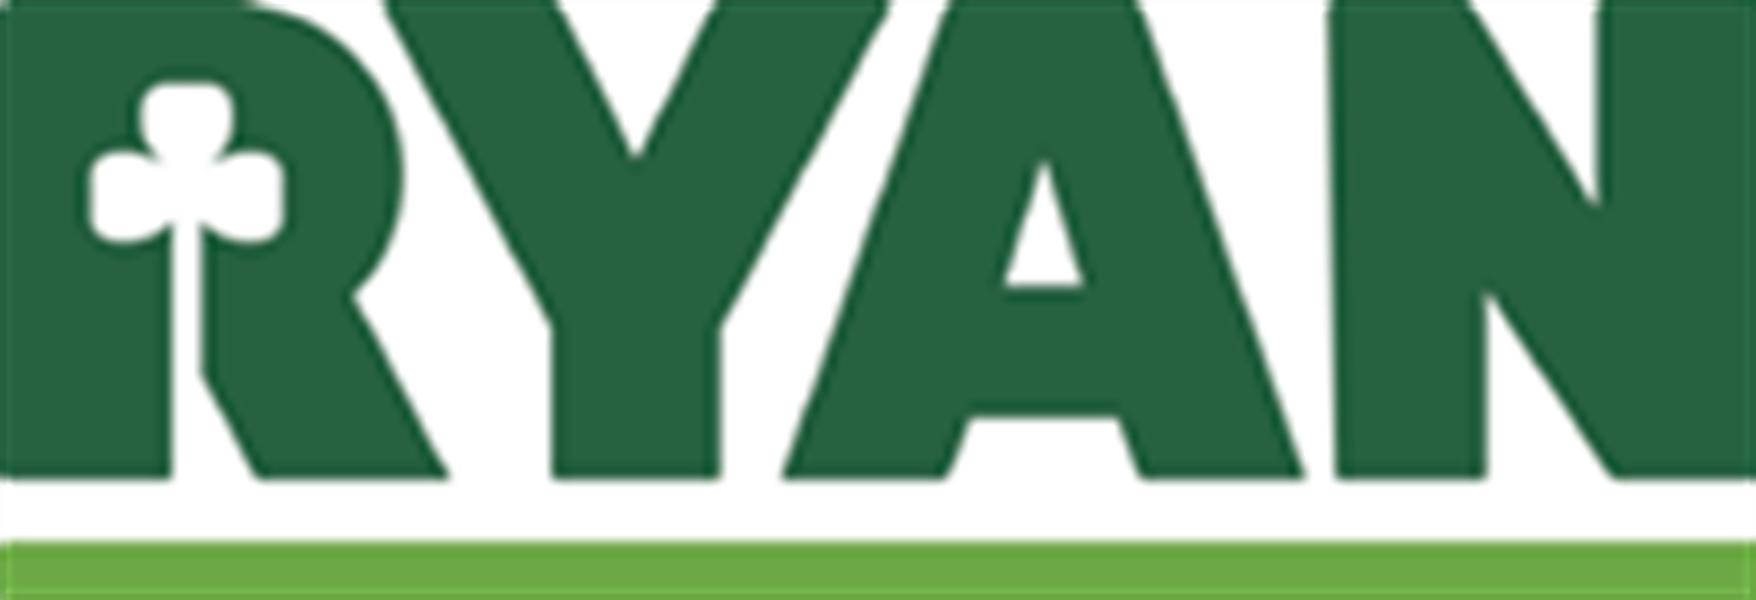 Ryan Companies US, Inc